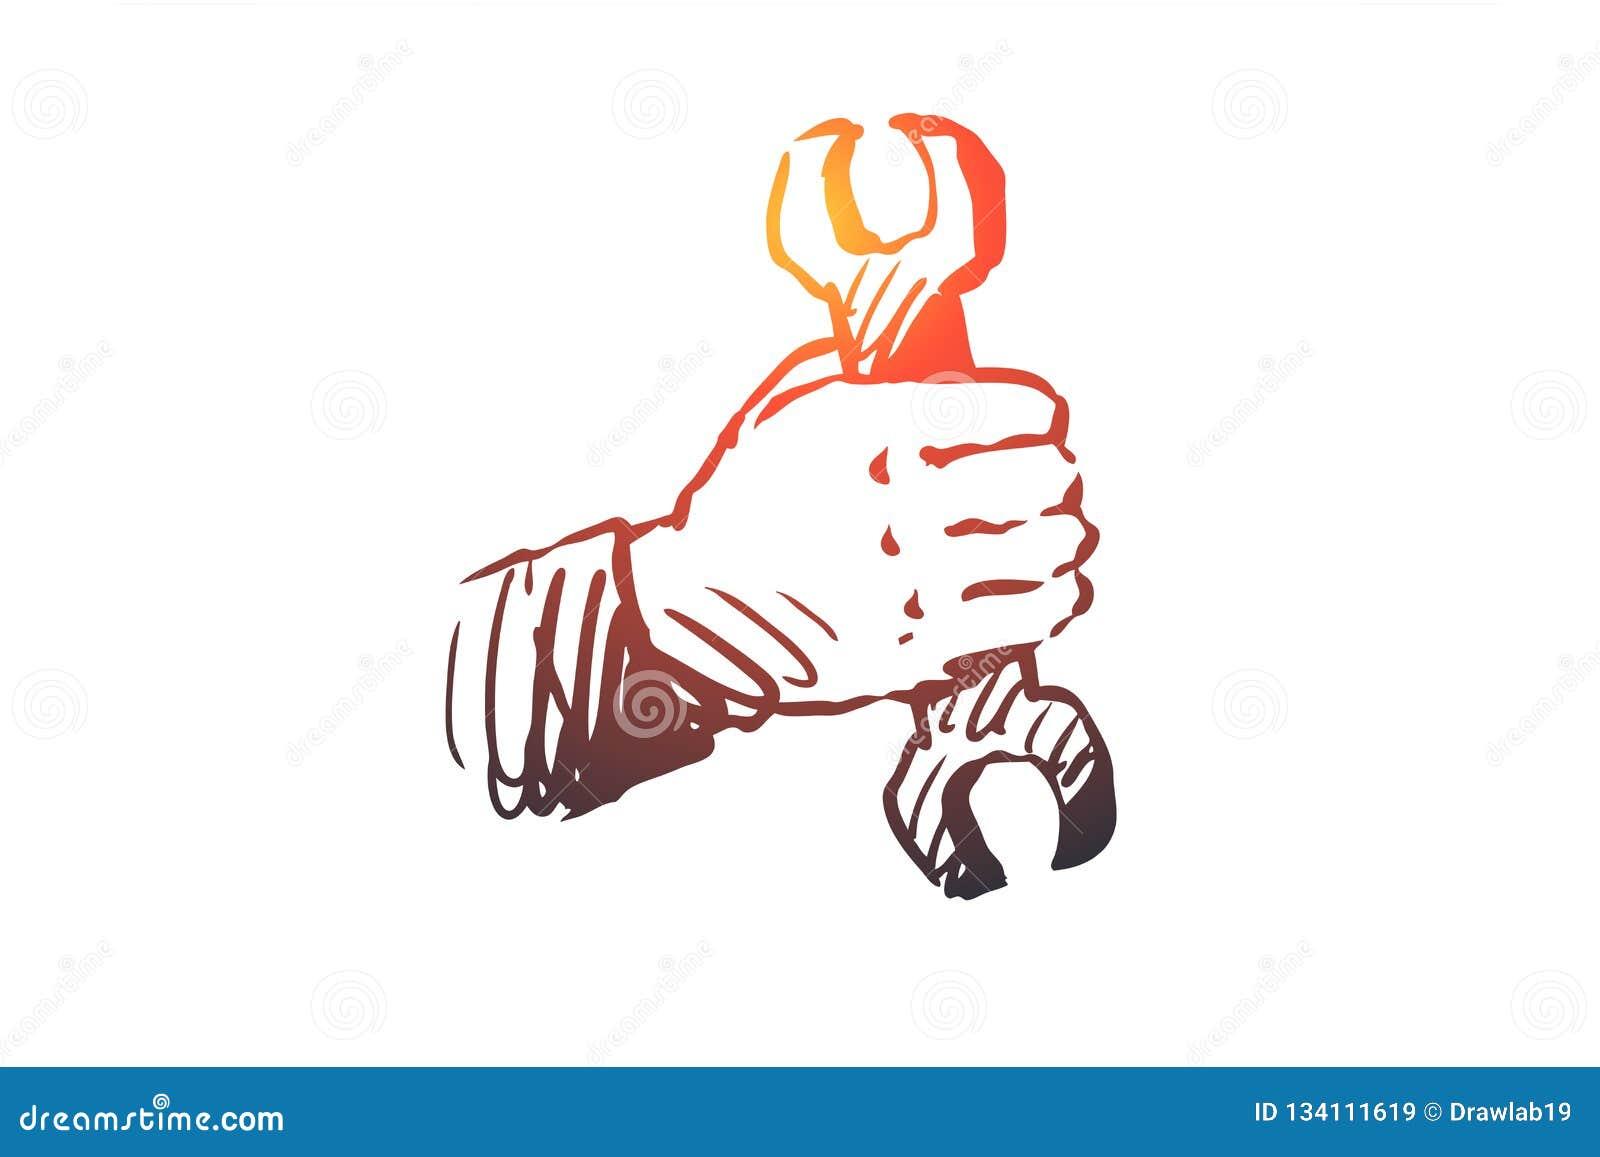 Mechaniker, Schlüssel, Reparatur, Werkzeug, Heimwerkerkonzept Hand gezeichneter lokalisierter Vektor